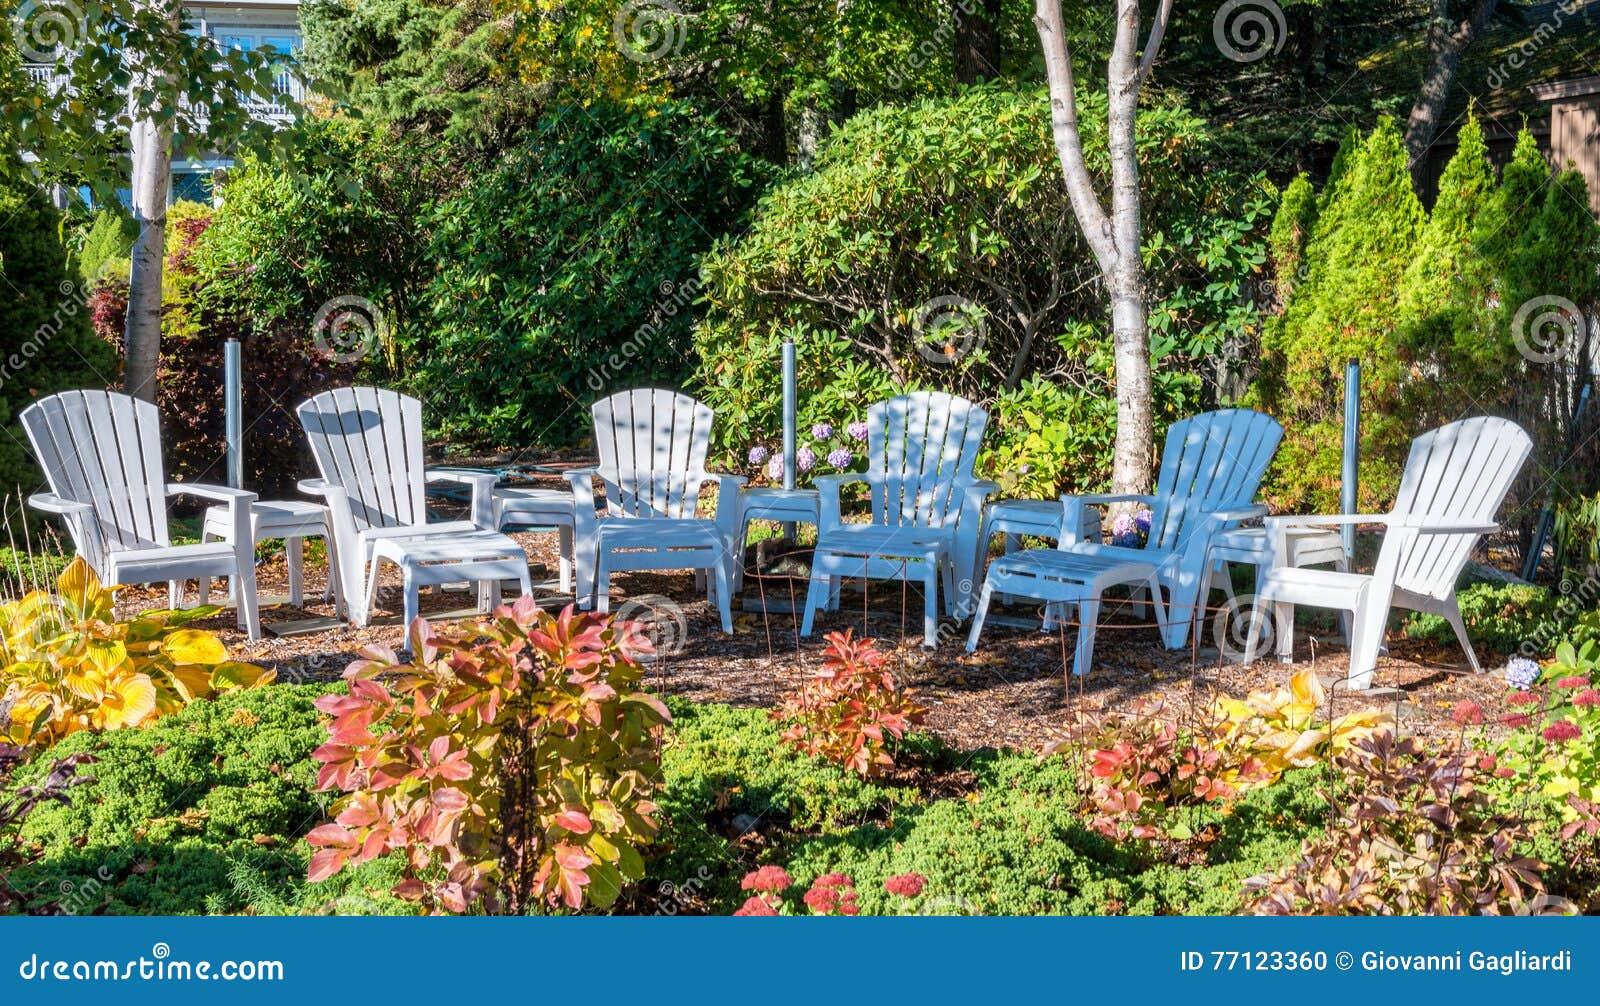 Sedie di plastica giardino bukadar galleria di sedie foto